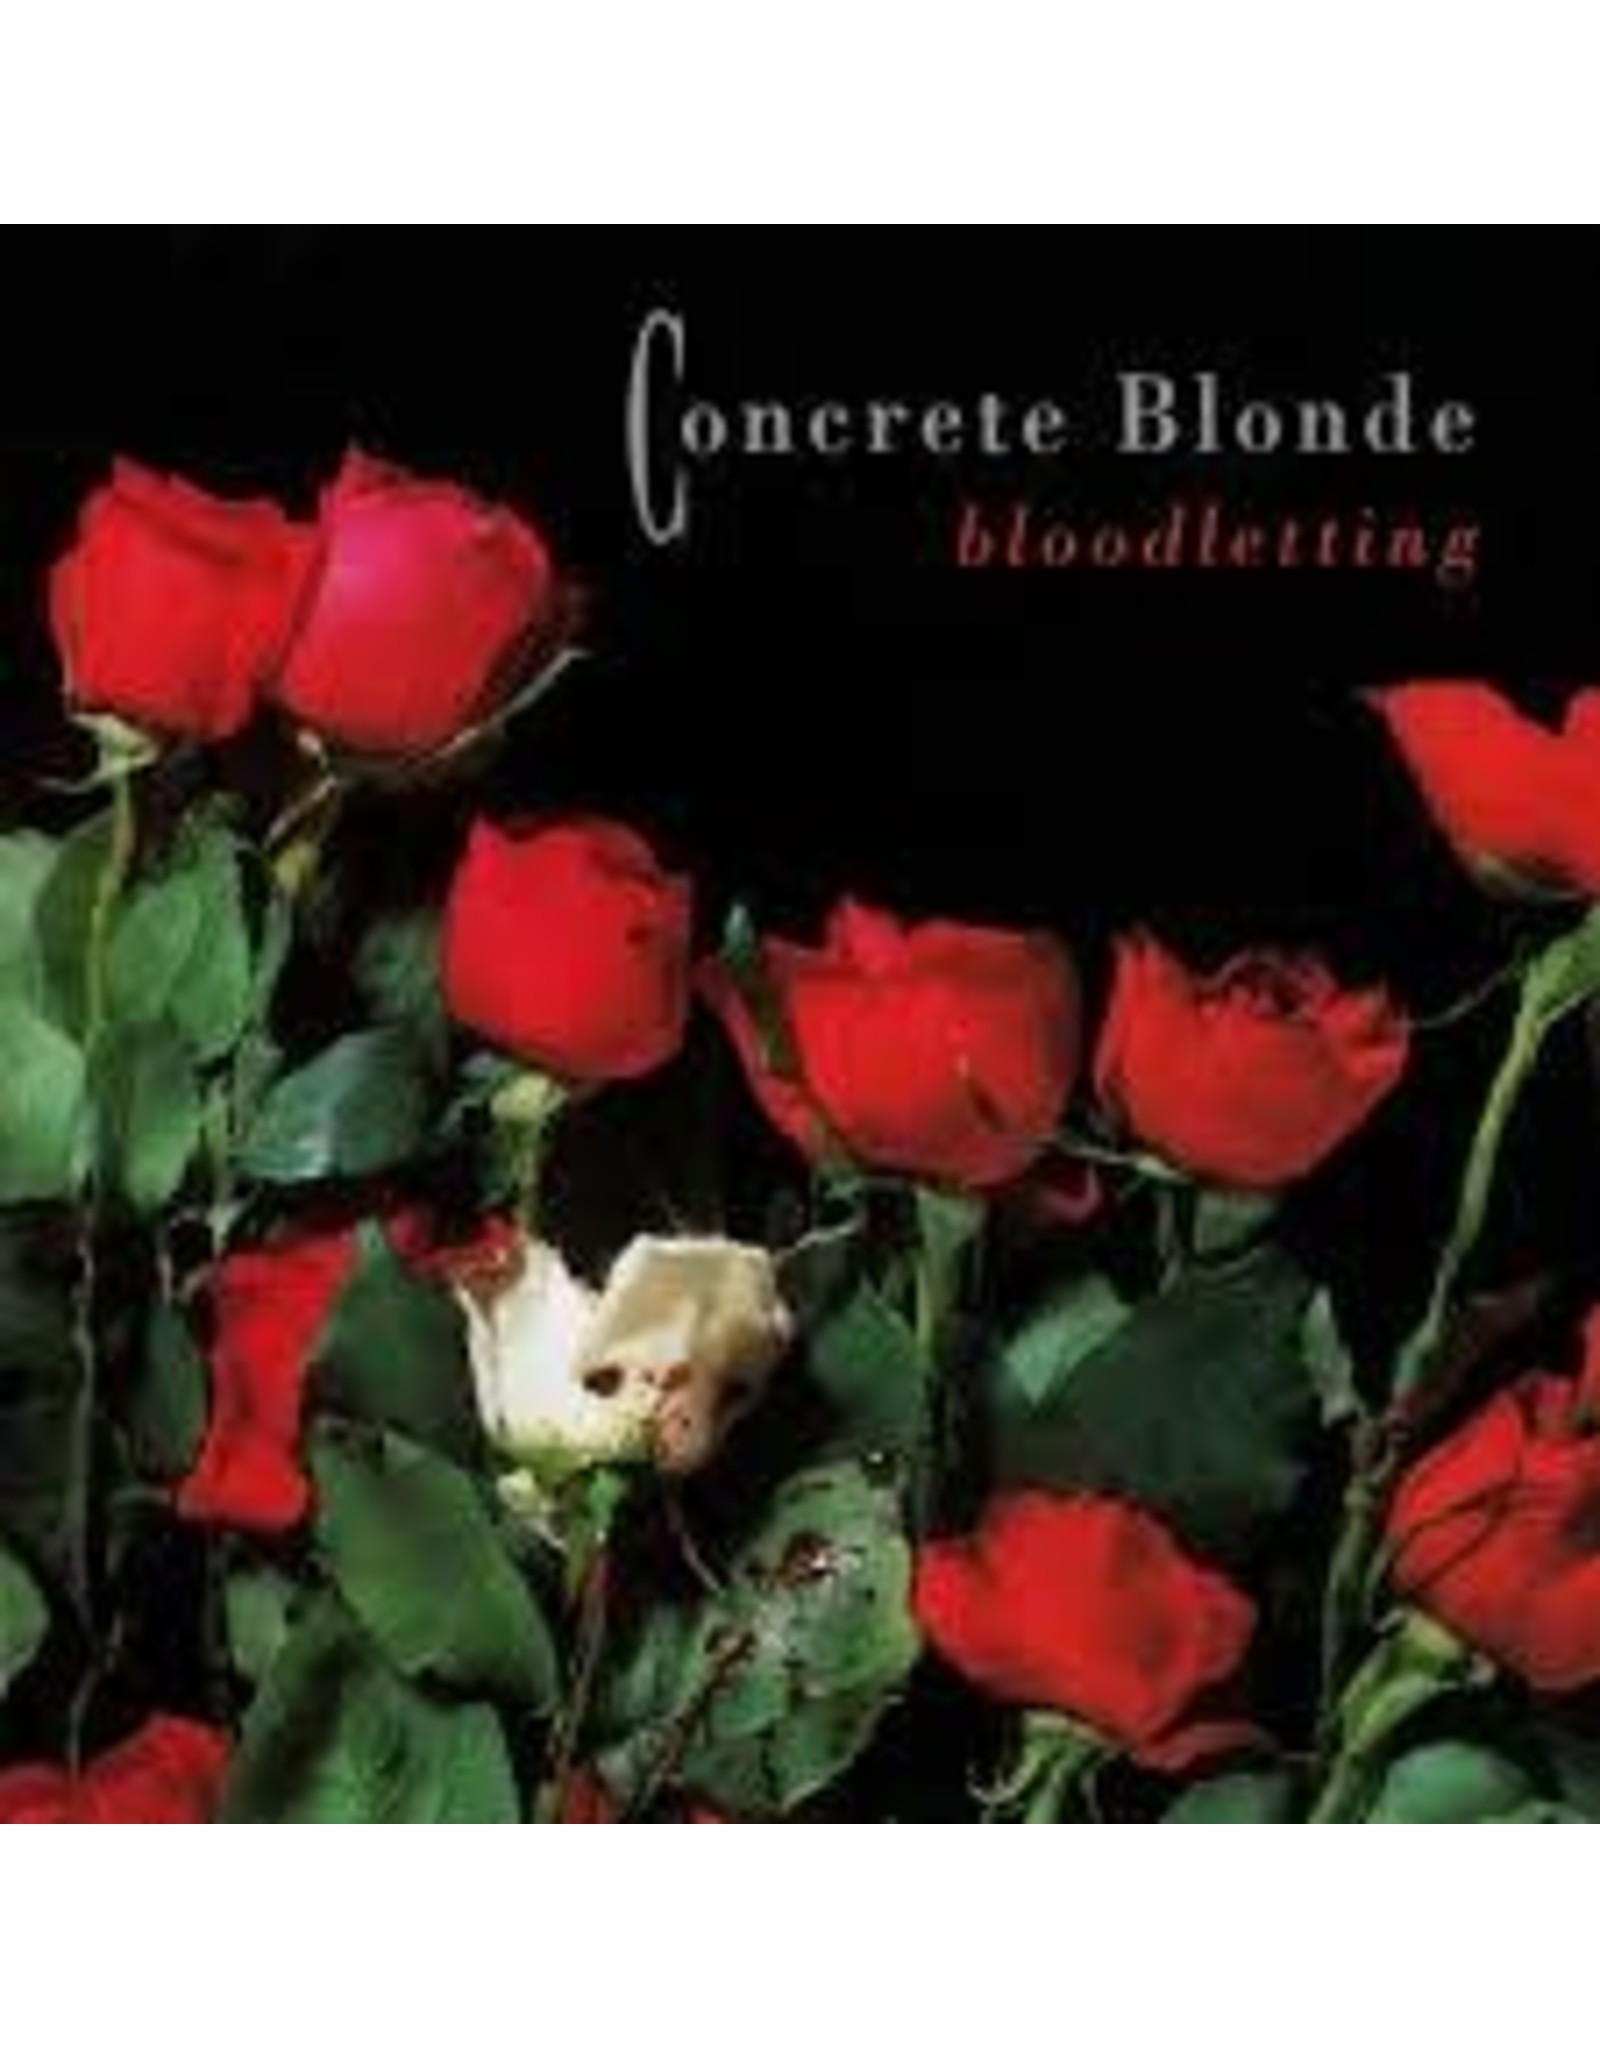 Vinyl Concrete Blond - Bloodletting